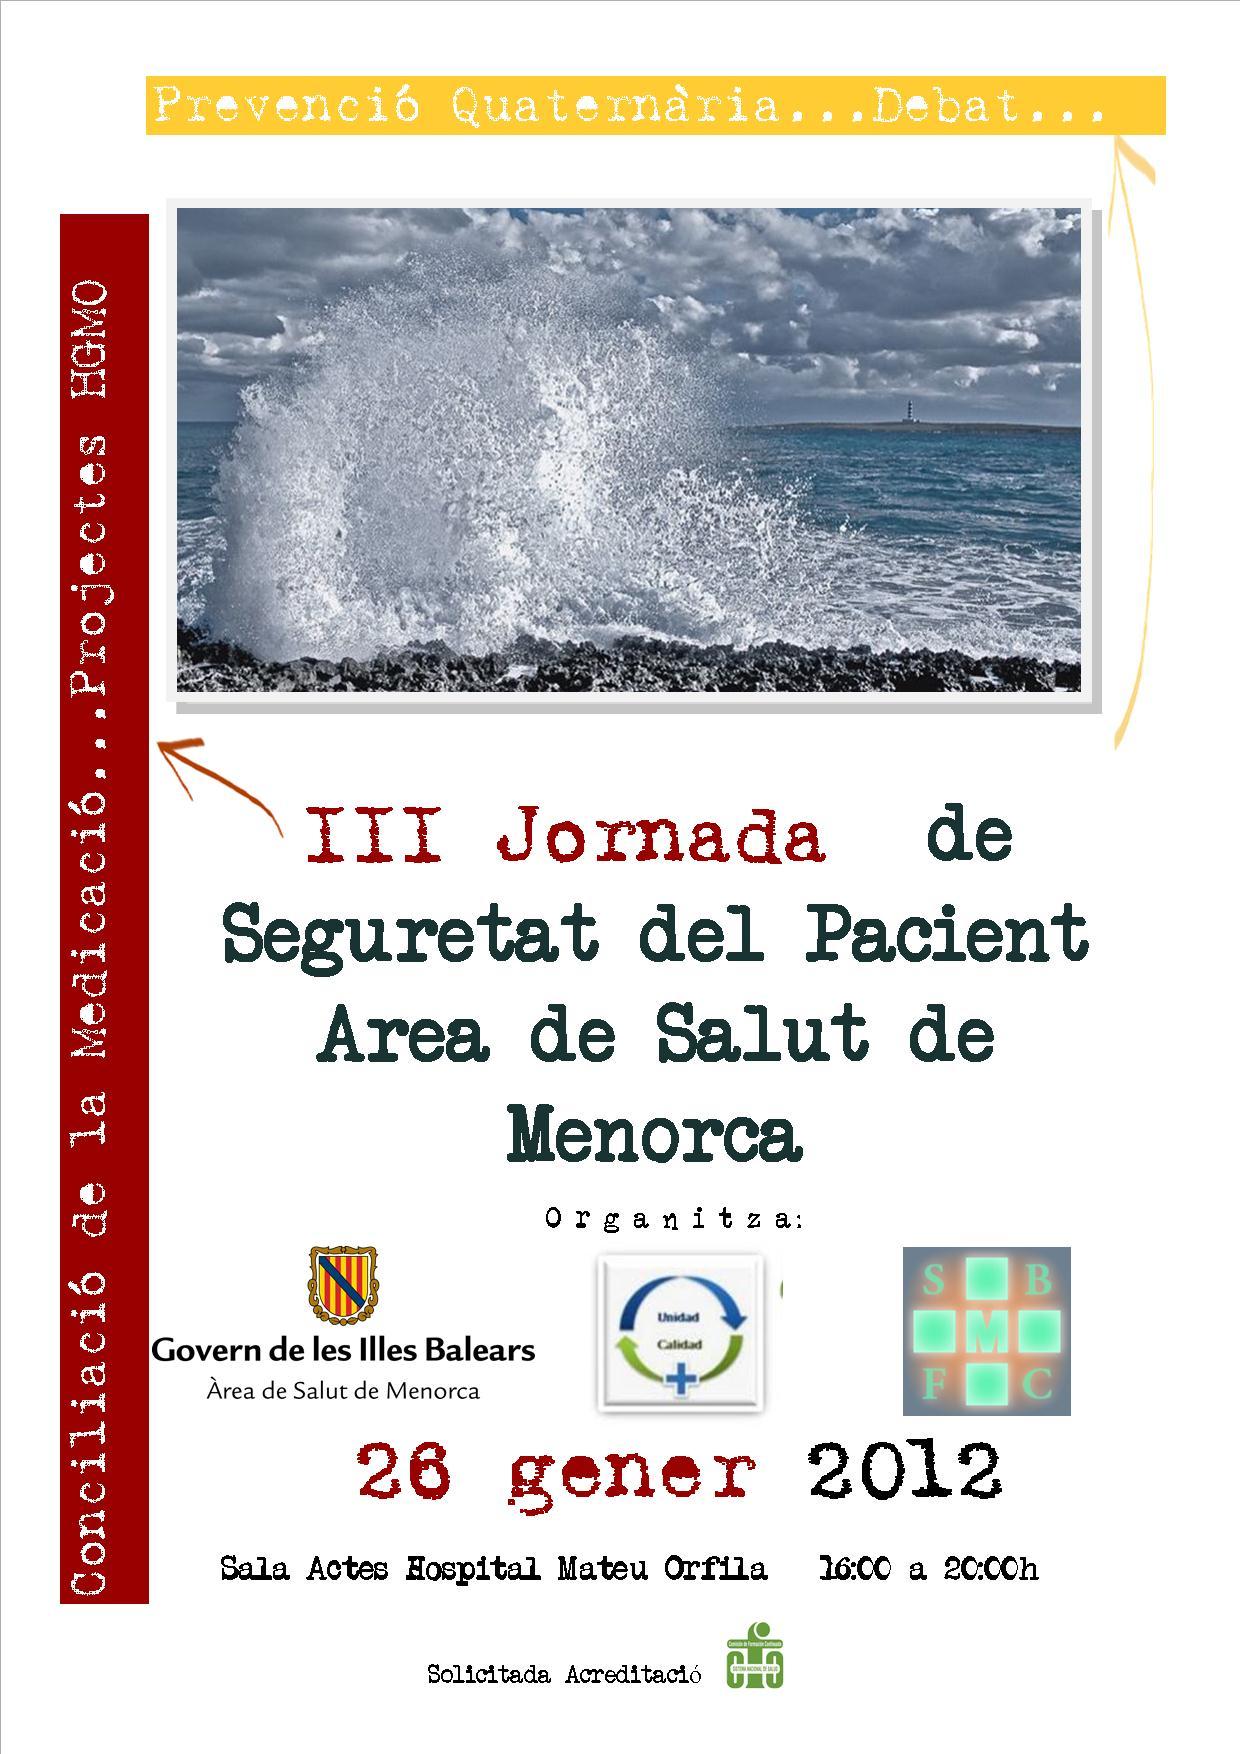 III Jornada de Seguretat del Pacient de l'Area de Salut de Menorca